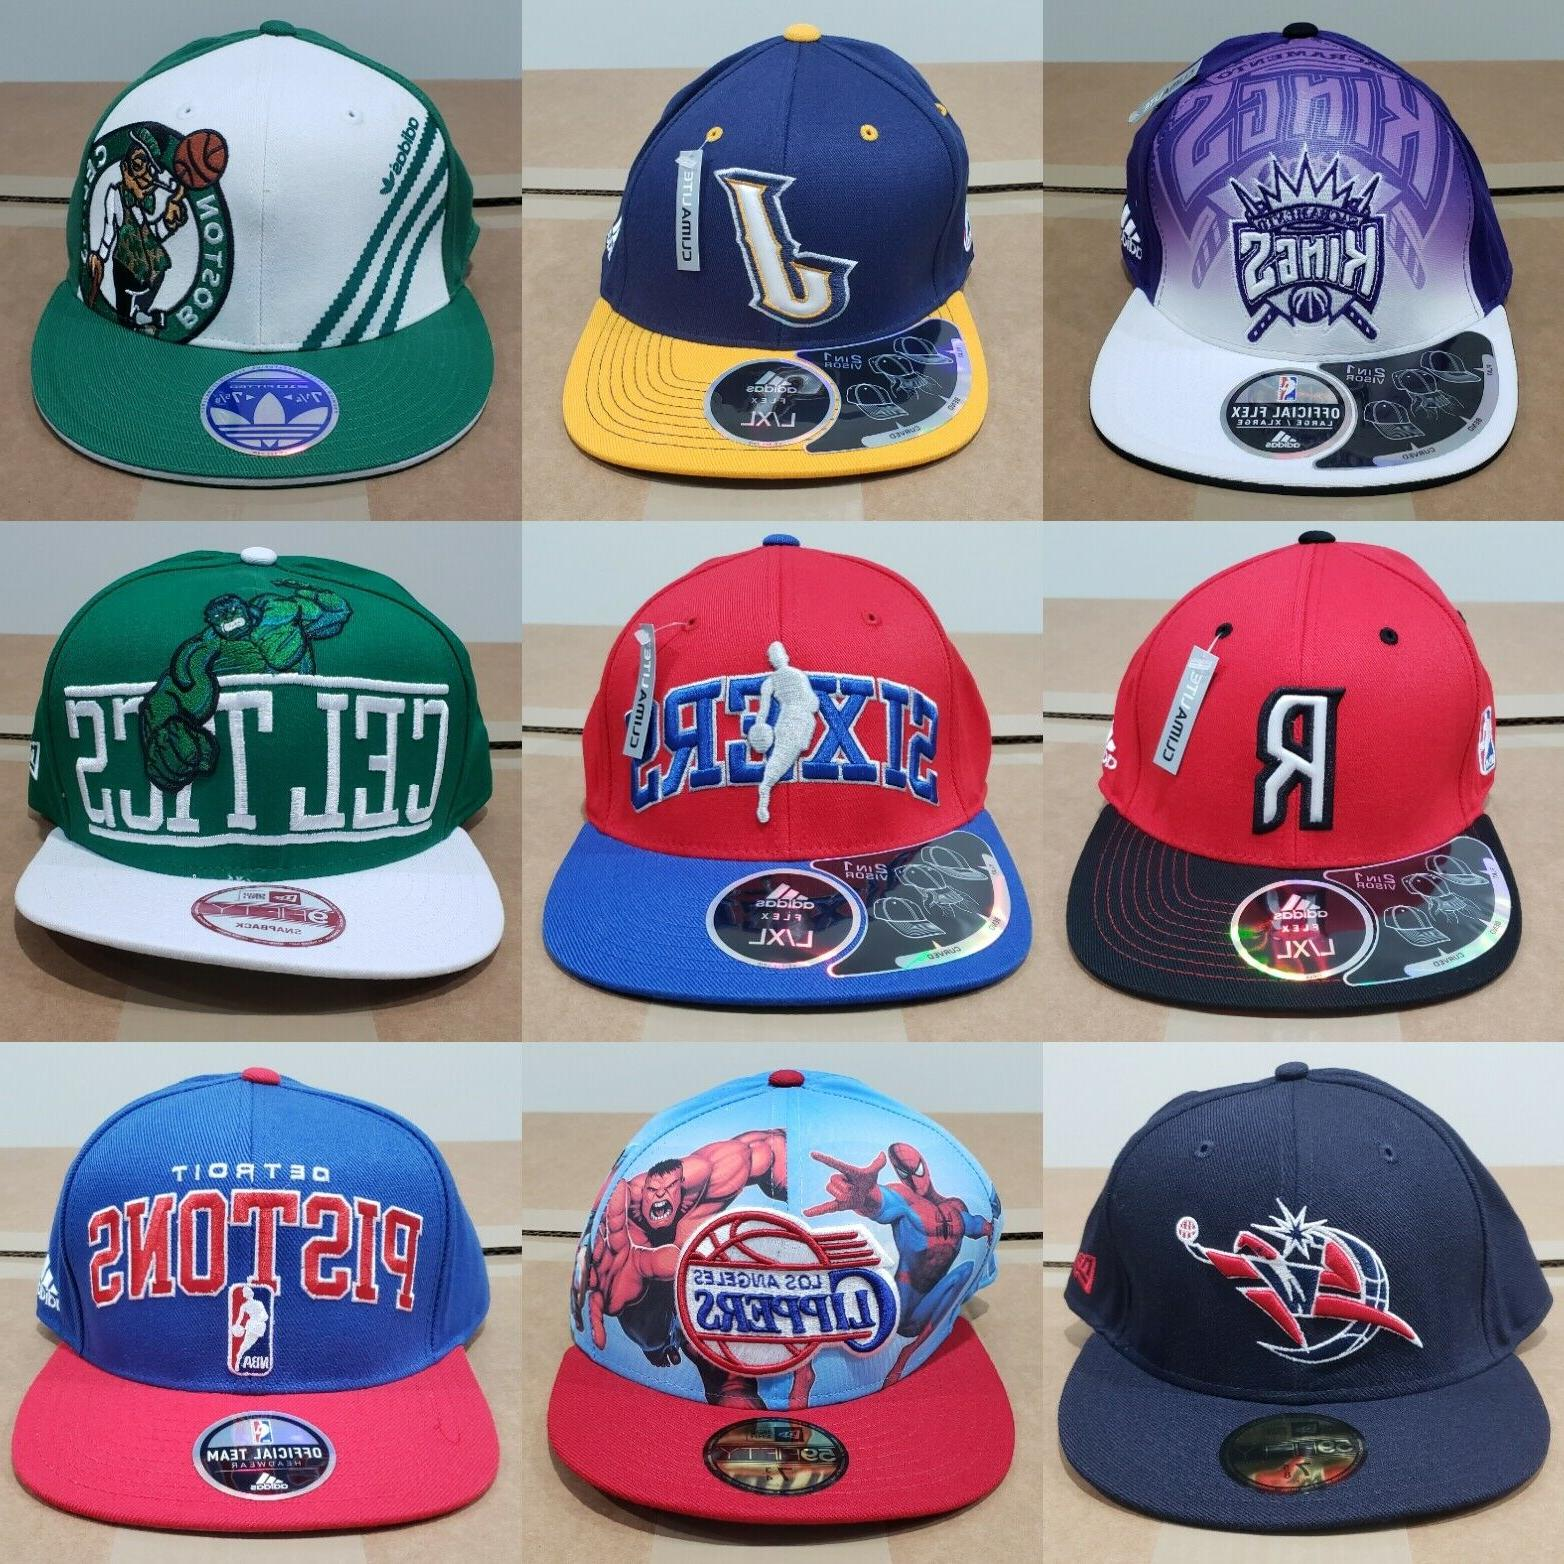 All Logos & Hats/Caps